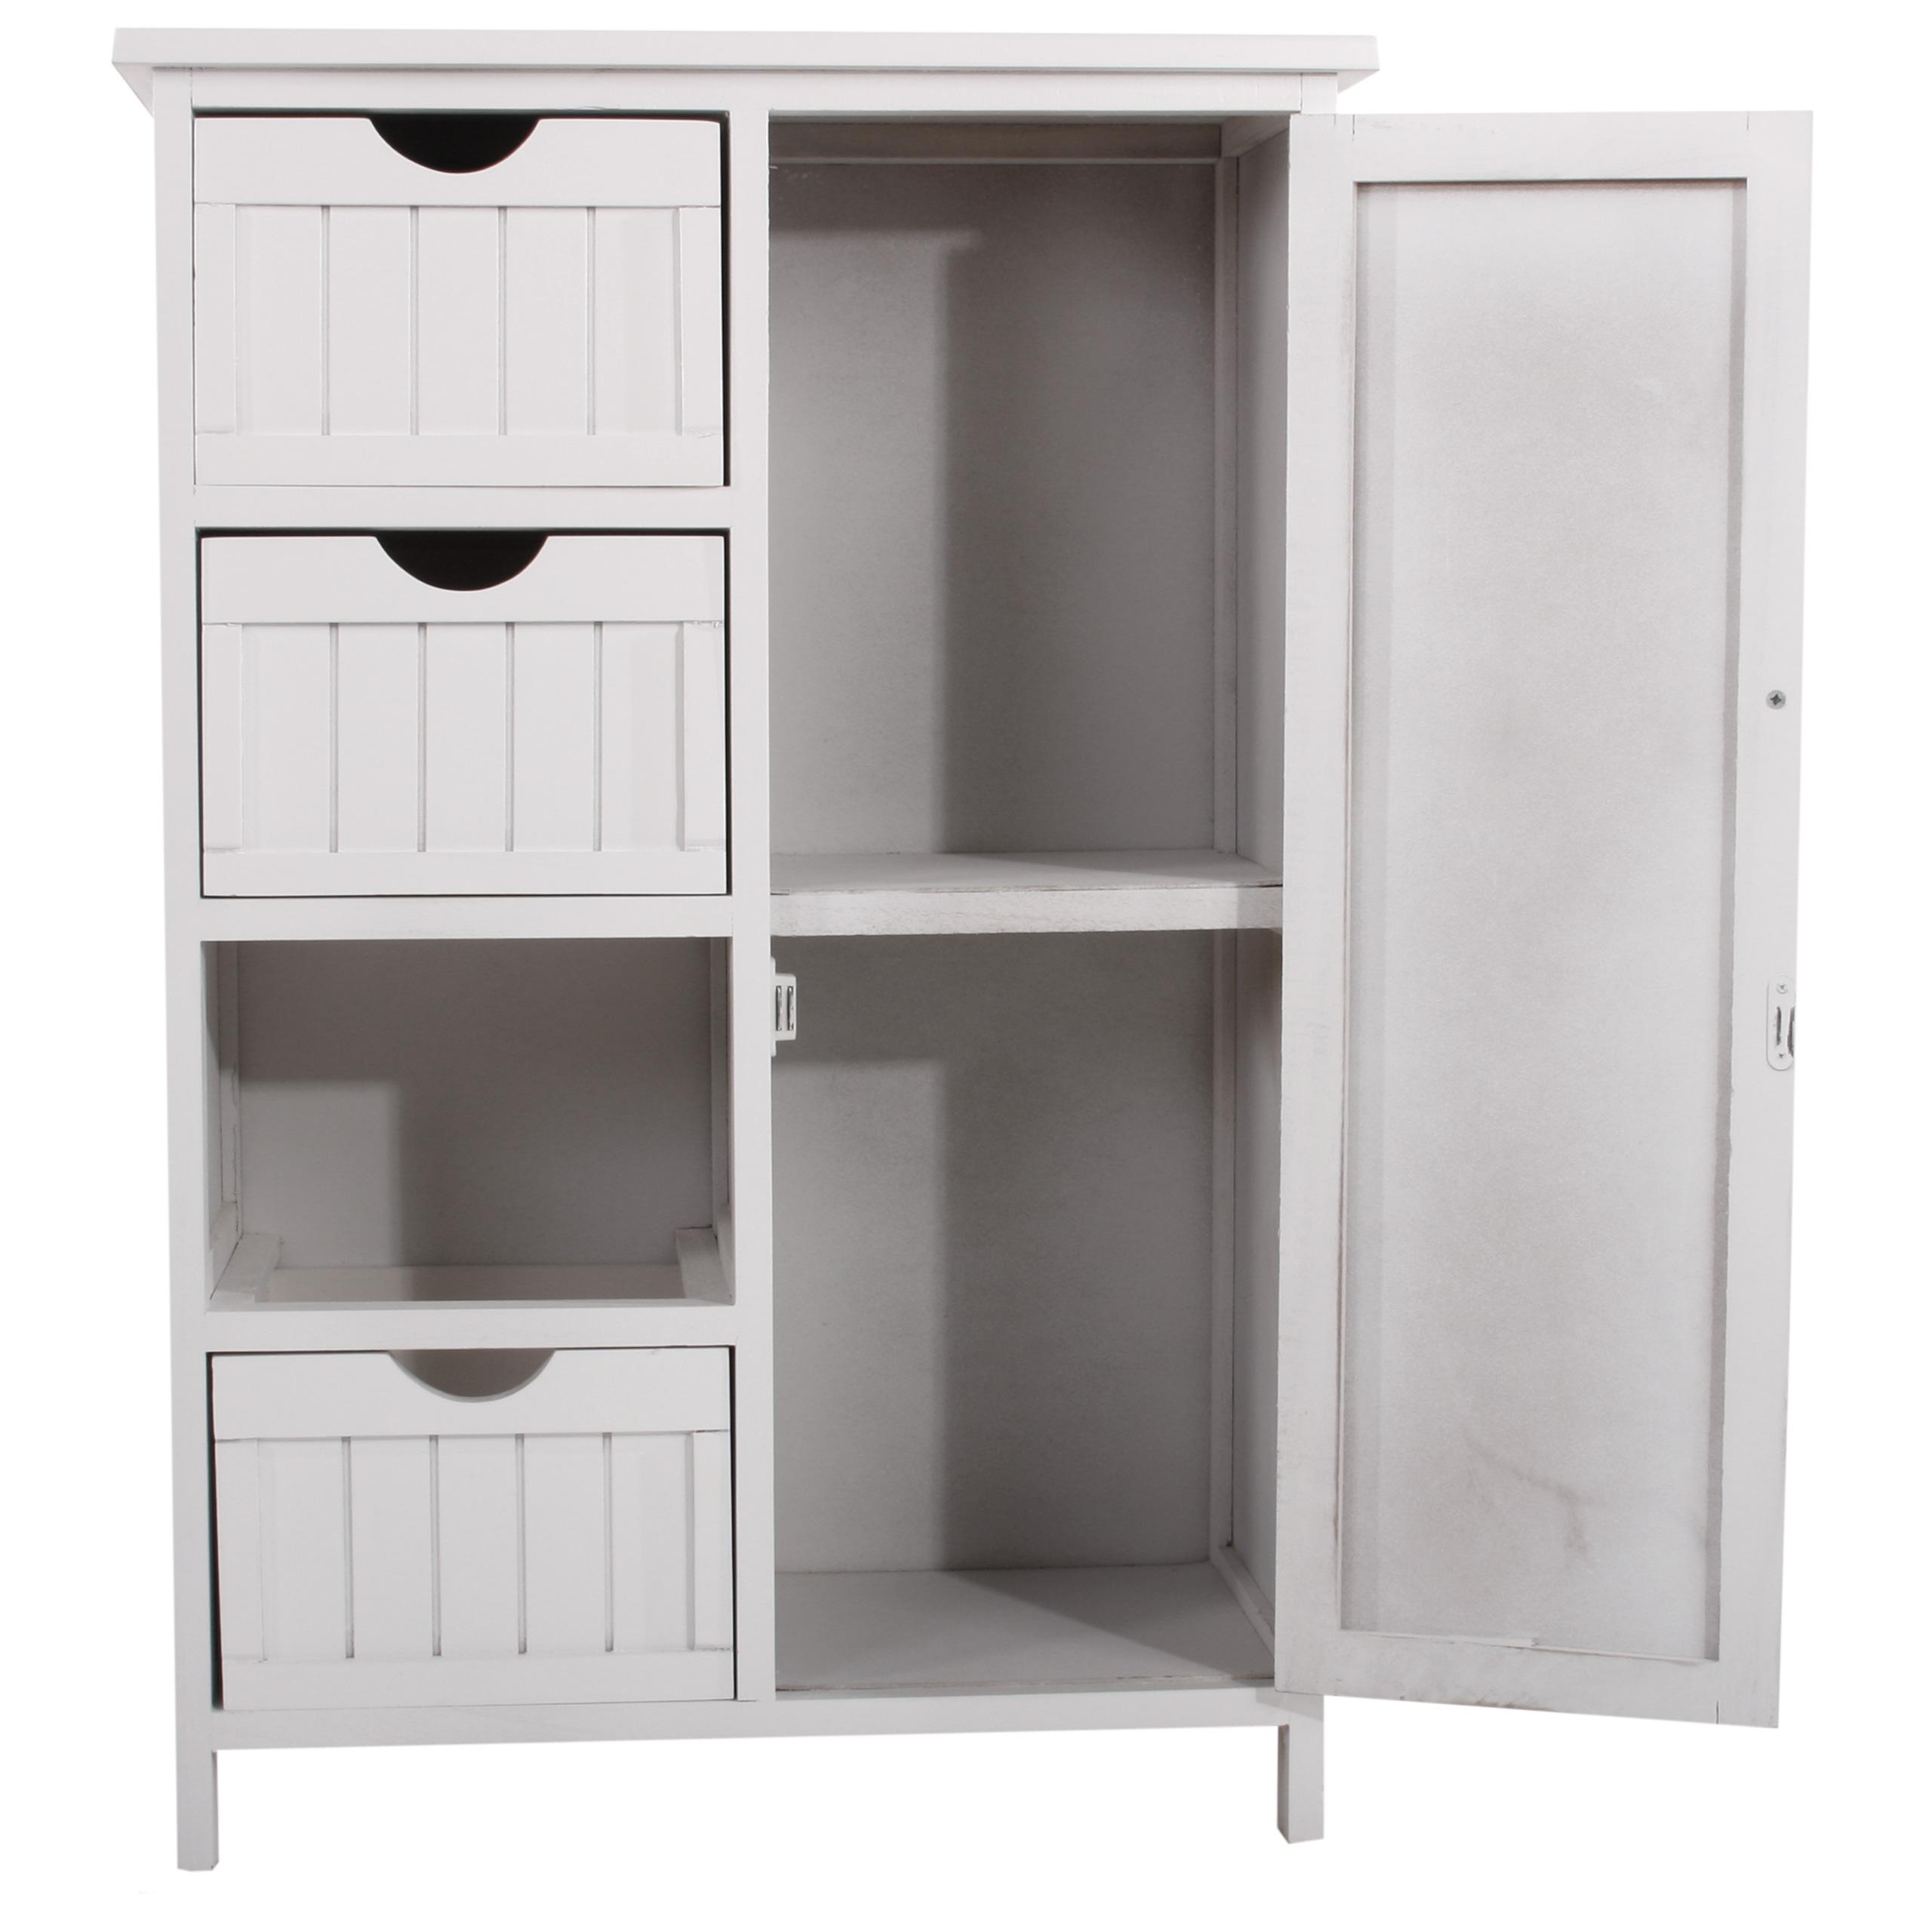 85 kommode schrank regal beistelltisch lausanne weiss mit schubladen hasena woodline. Black Bedroom Furniture Sets. Home Design Ideas